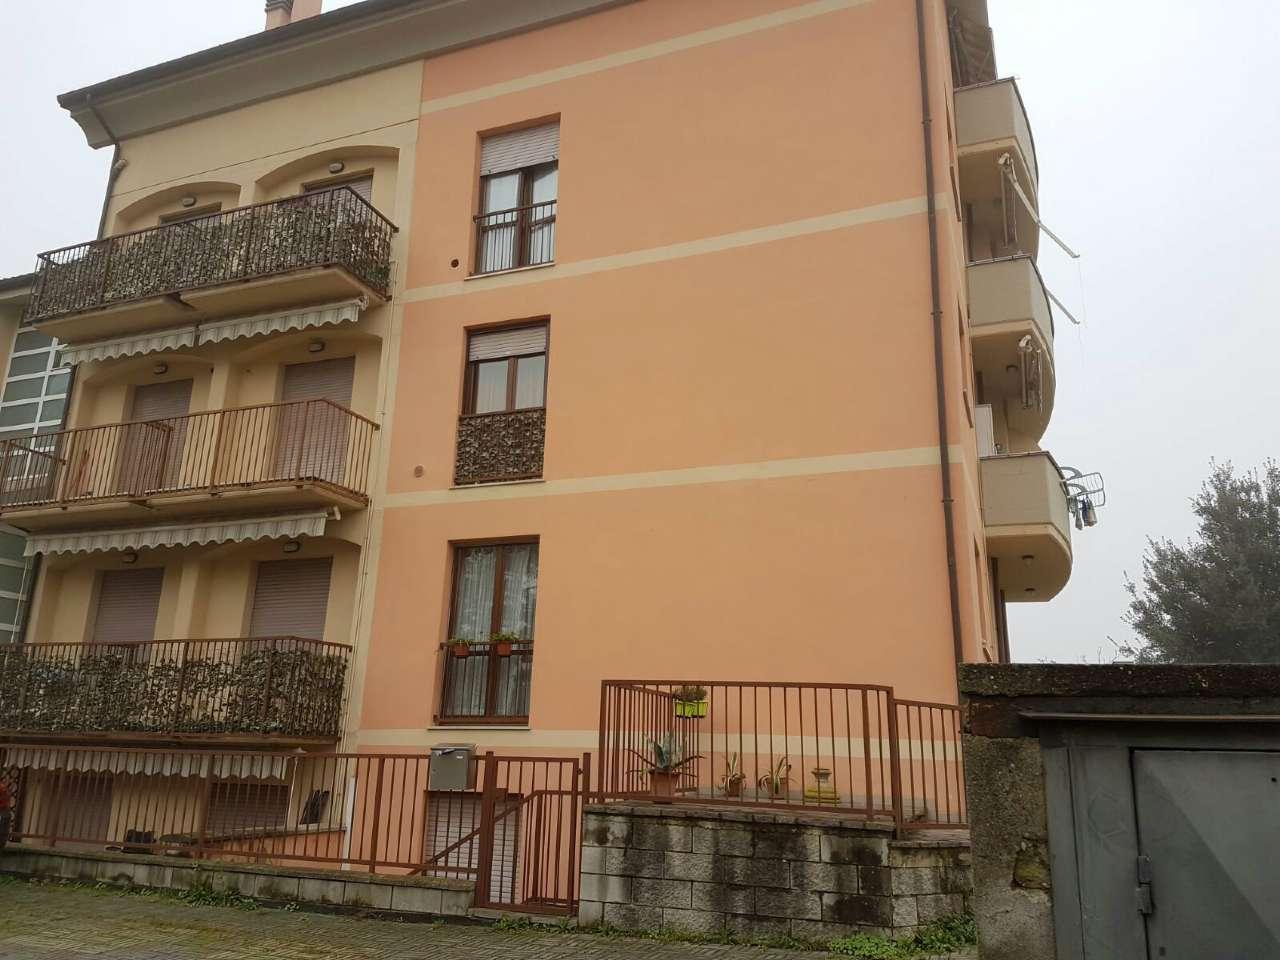 Appartamento in vendita a Civitella in Val di Chiana, 3 locali, prezzo € 75.000 | Cambio Casa.it